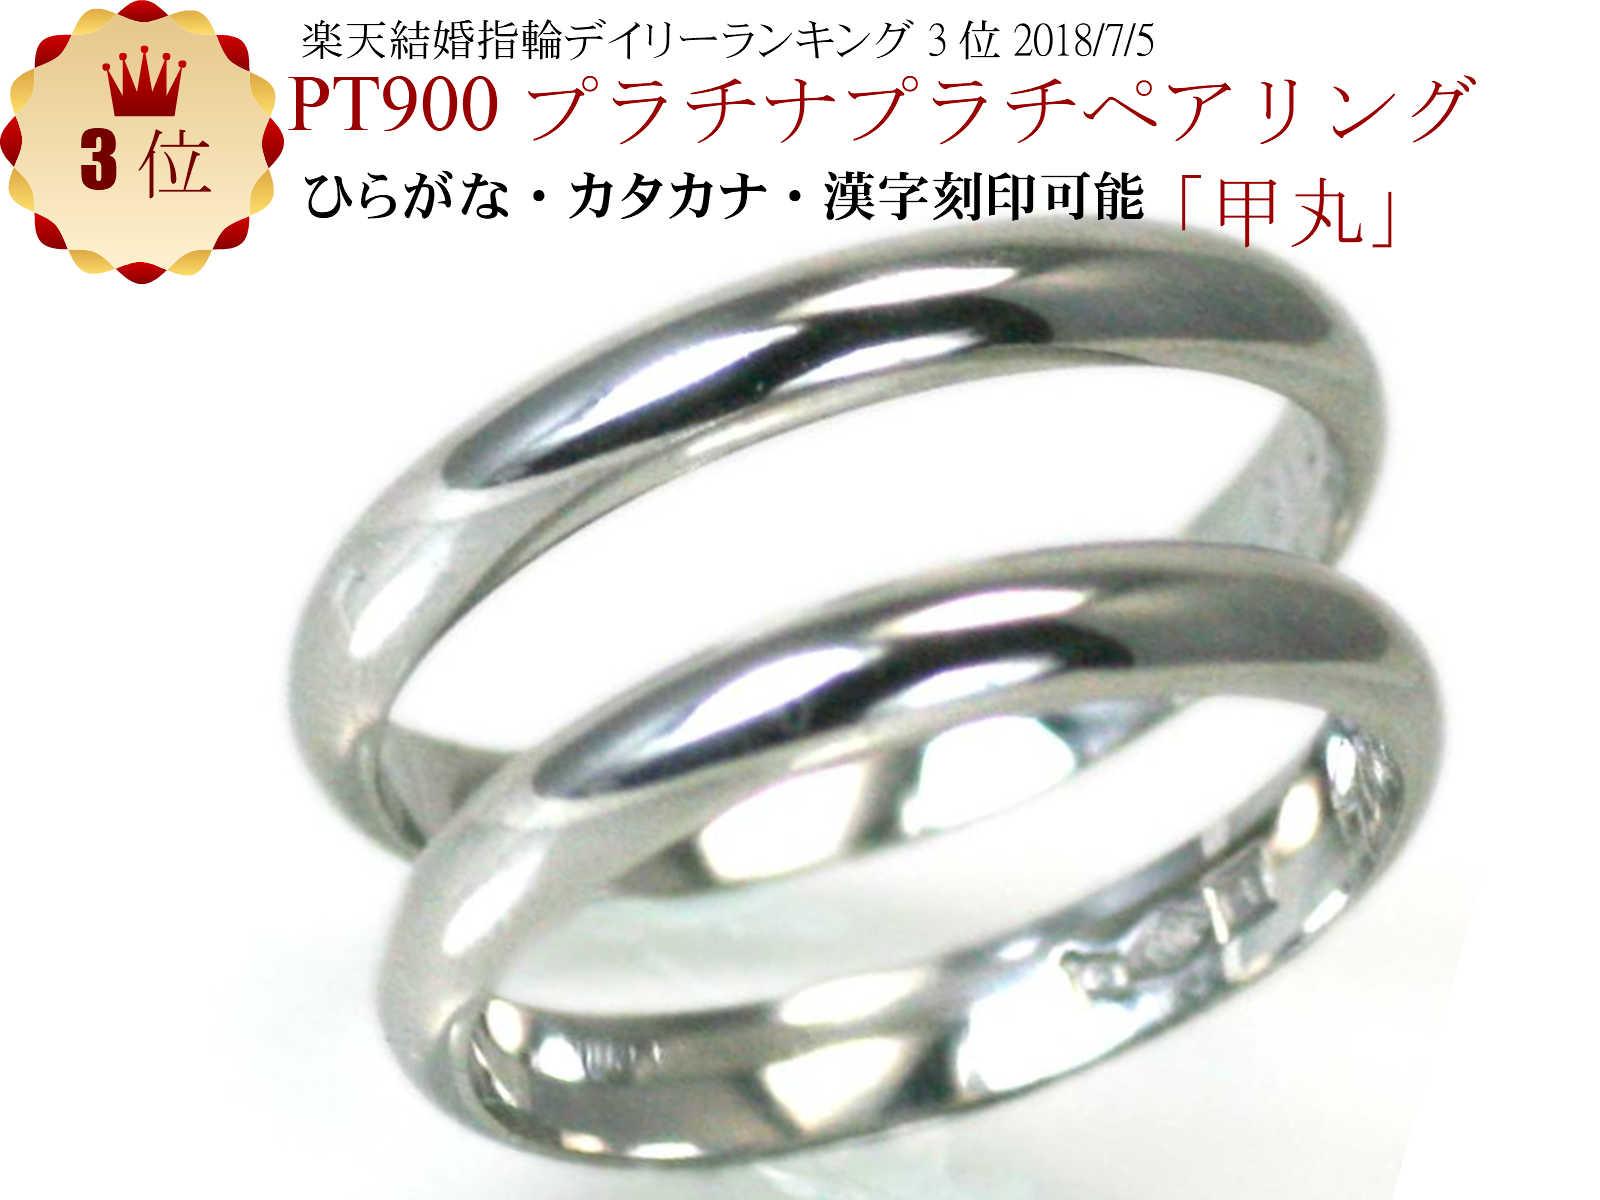 結婚指輪 マリッジリング に プラチナ pt900 甲丸 ペアリング 2本セット 指輪 財務省造幣局検定マーク ホールマーク プラチナリング シンプル おしゃれ 900 セット リング レディース メンズ 【母の日 プレゼント】